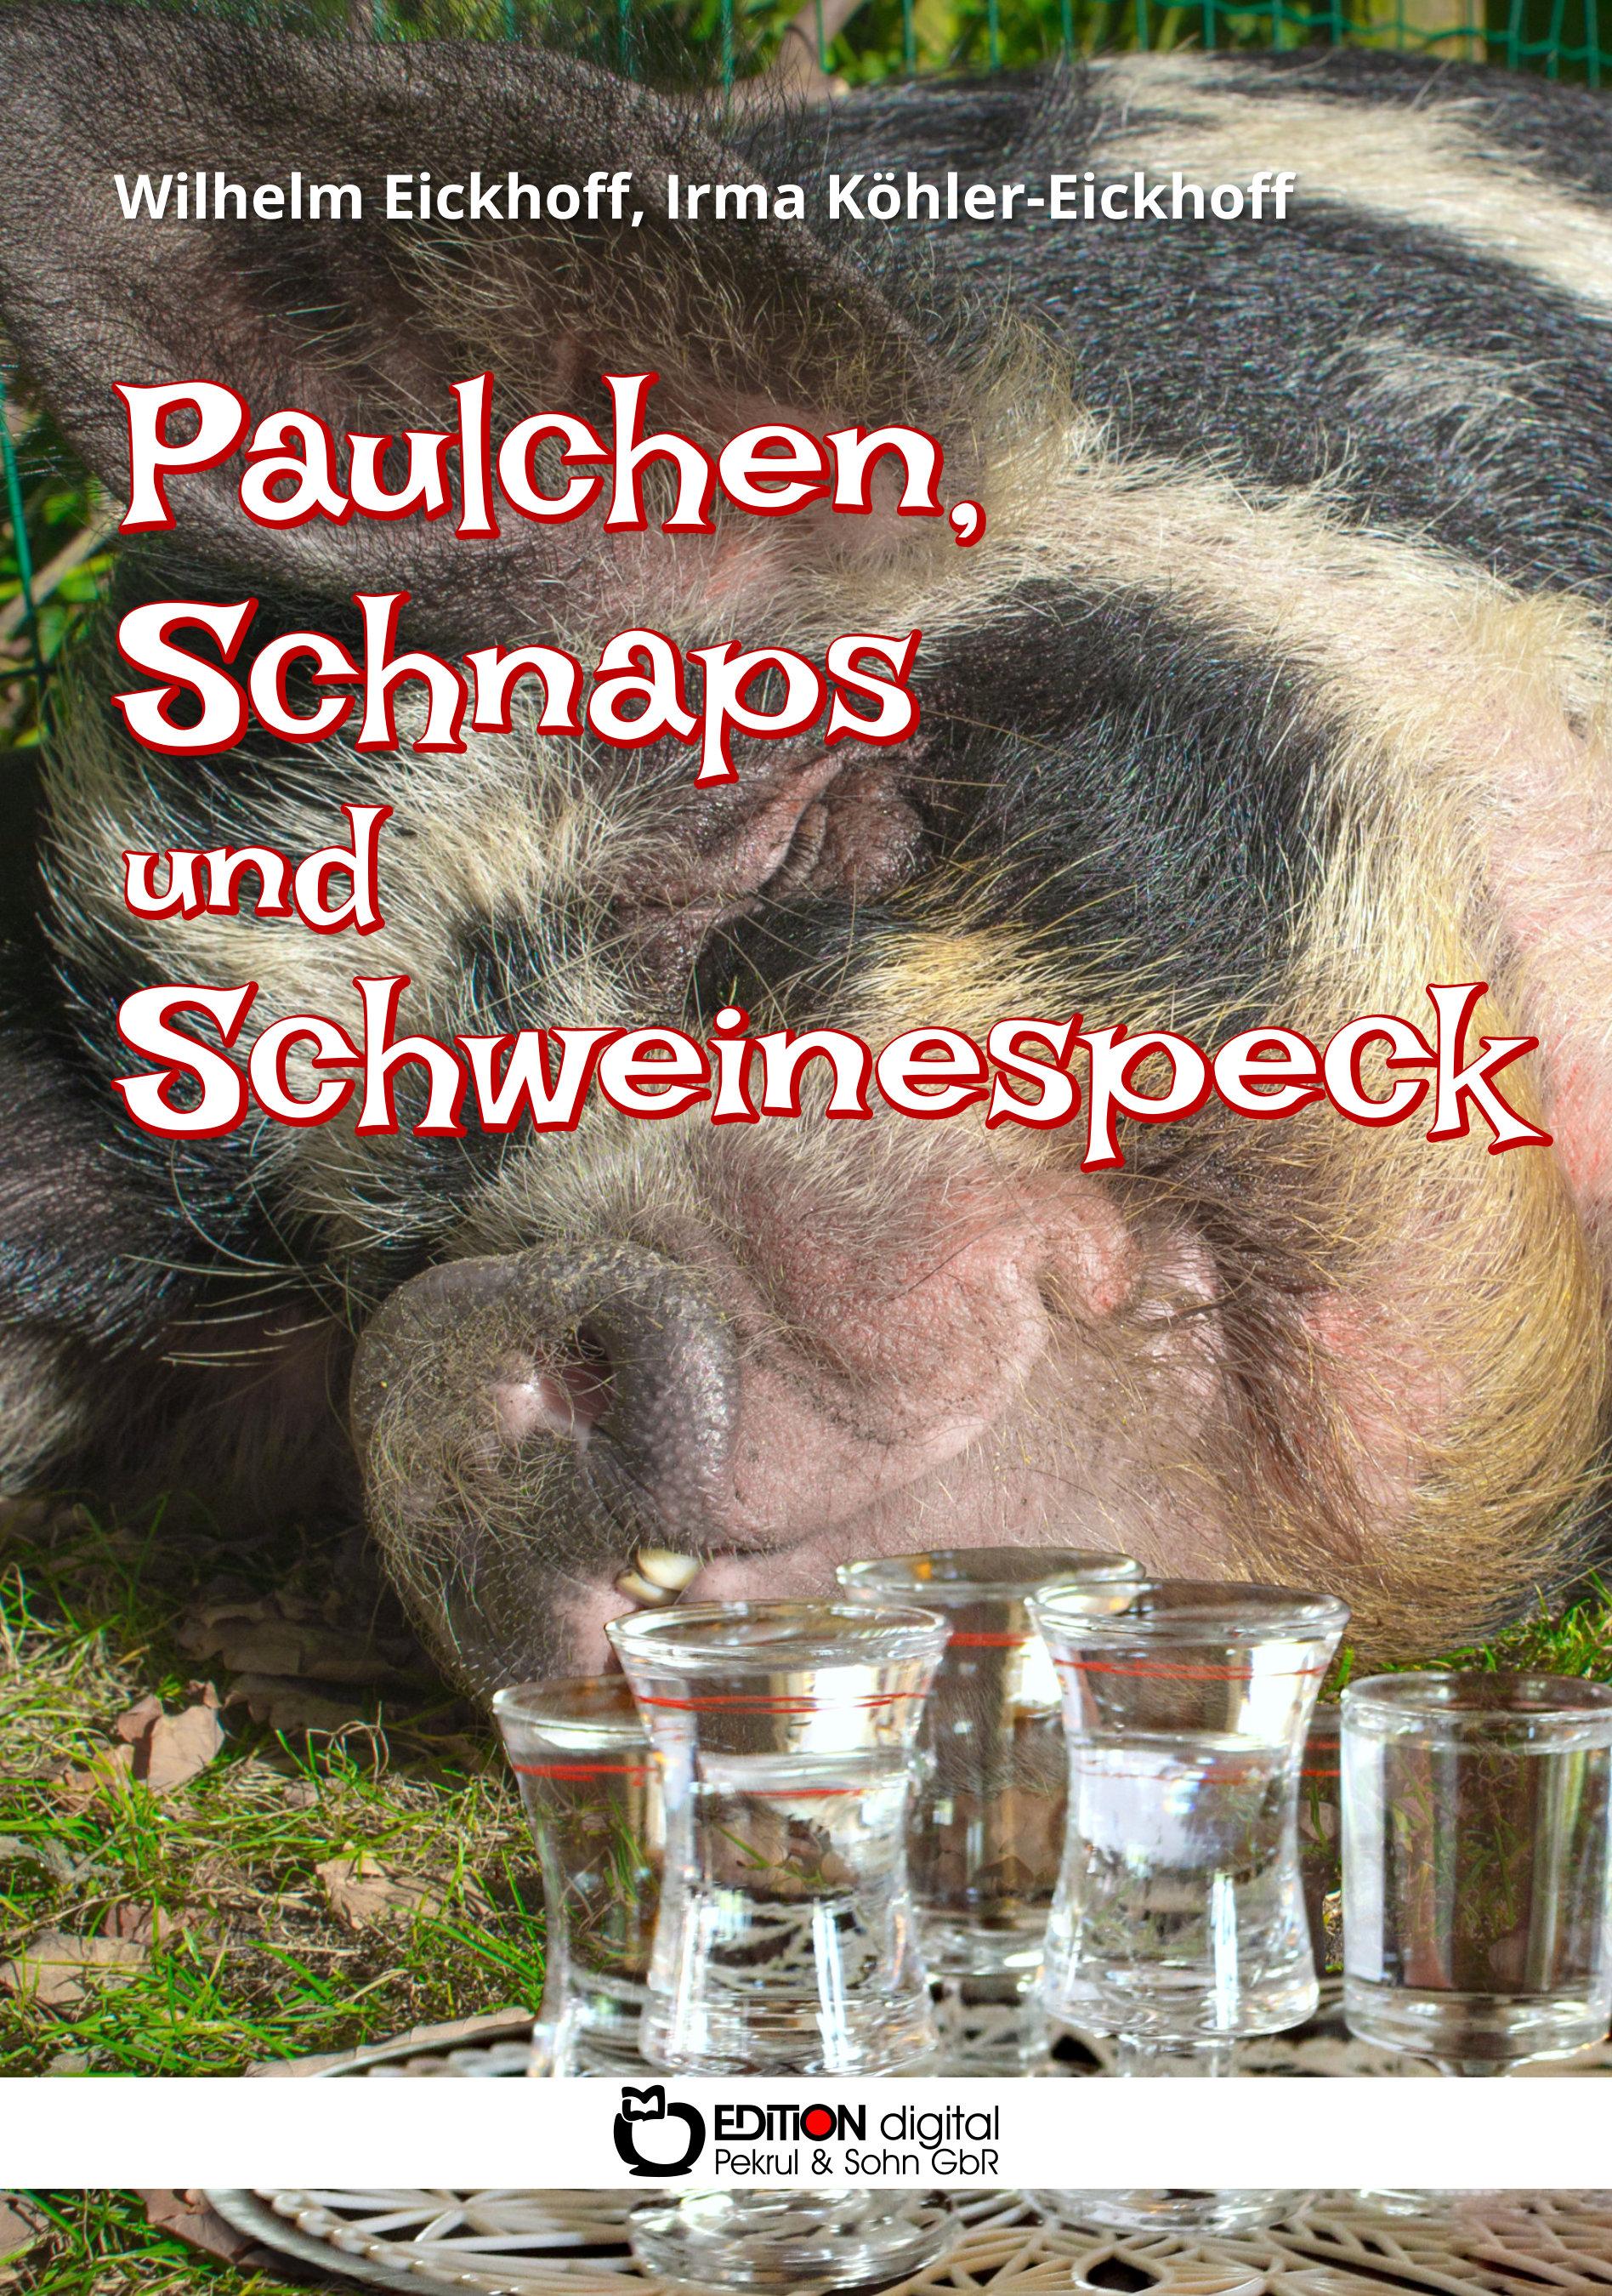 Paulchen, Schnaps und Schweinespeck von Wilhelm Eickhoff, Irma Köhler-Eickhoff (Autor)